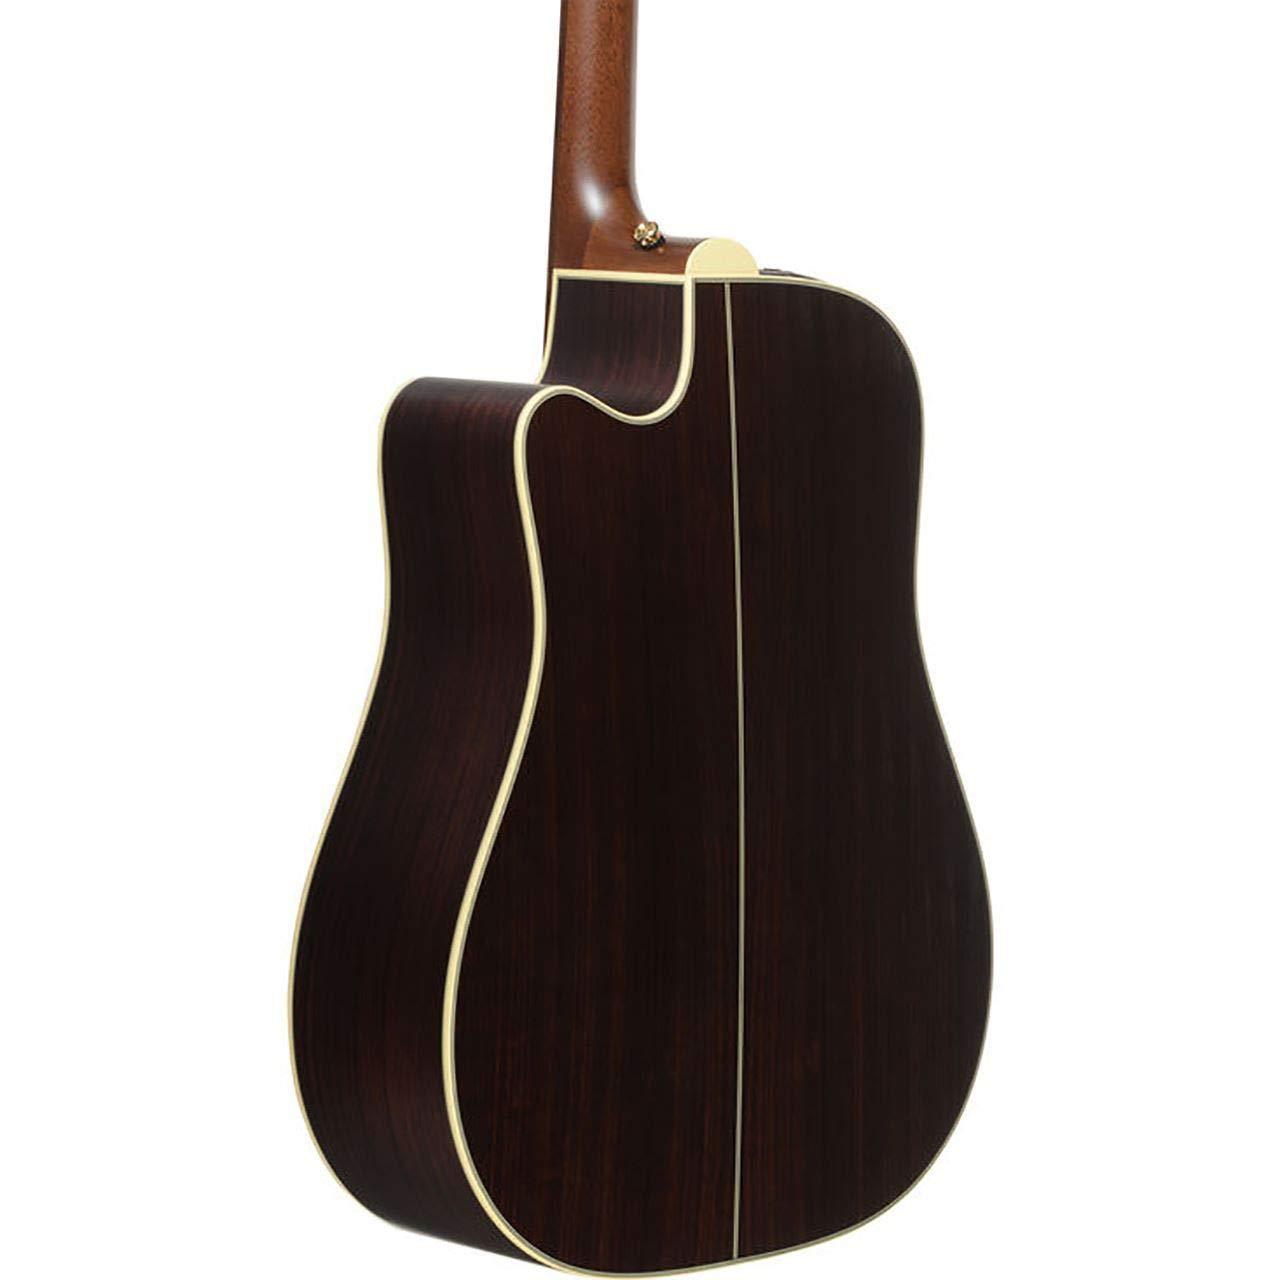 Takamine GB-7C Garth Brooks Signature Guitarra acústica eléctrica: Amazon.es: Instrumentos musicales